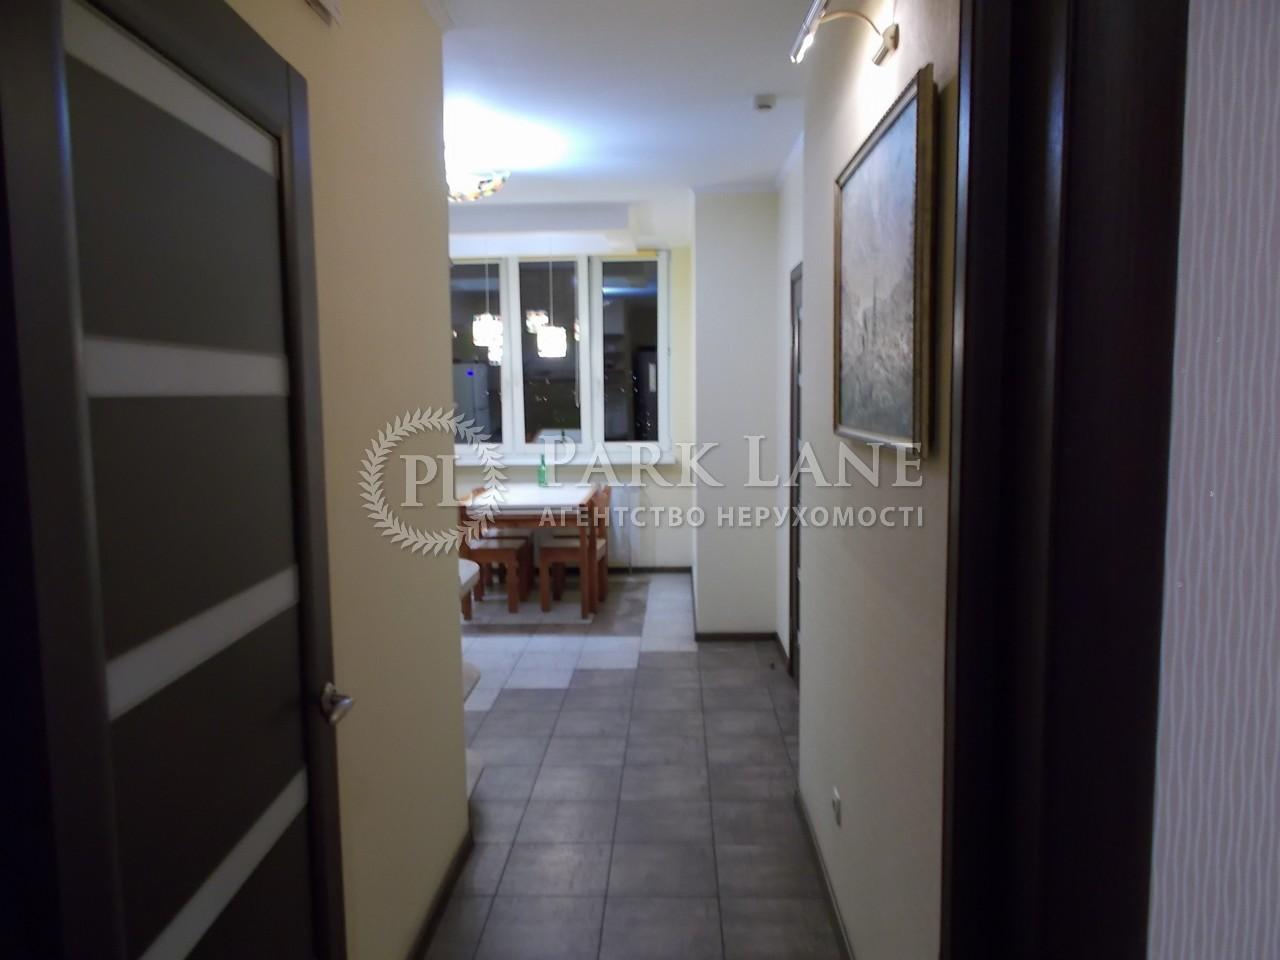 Квартира вул. Срібнокільська, 1, Київ, M-11279 - Фото 11